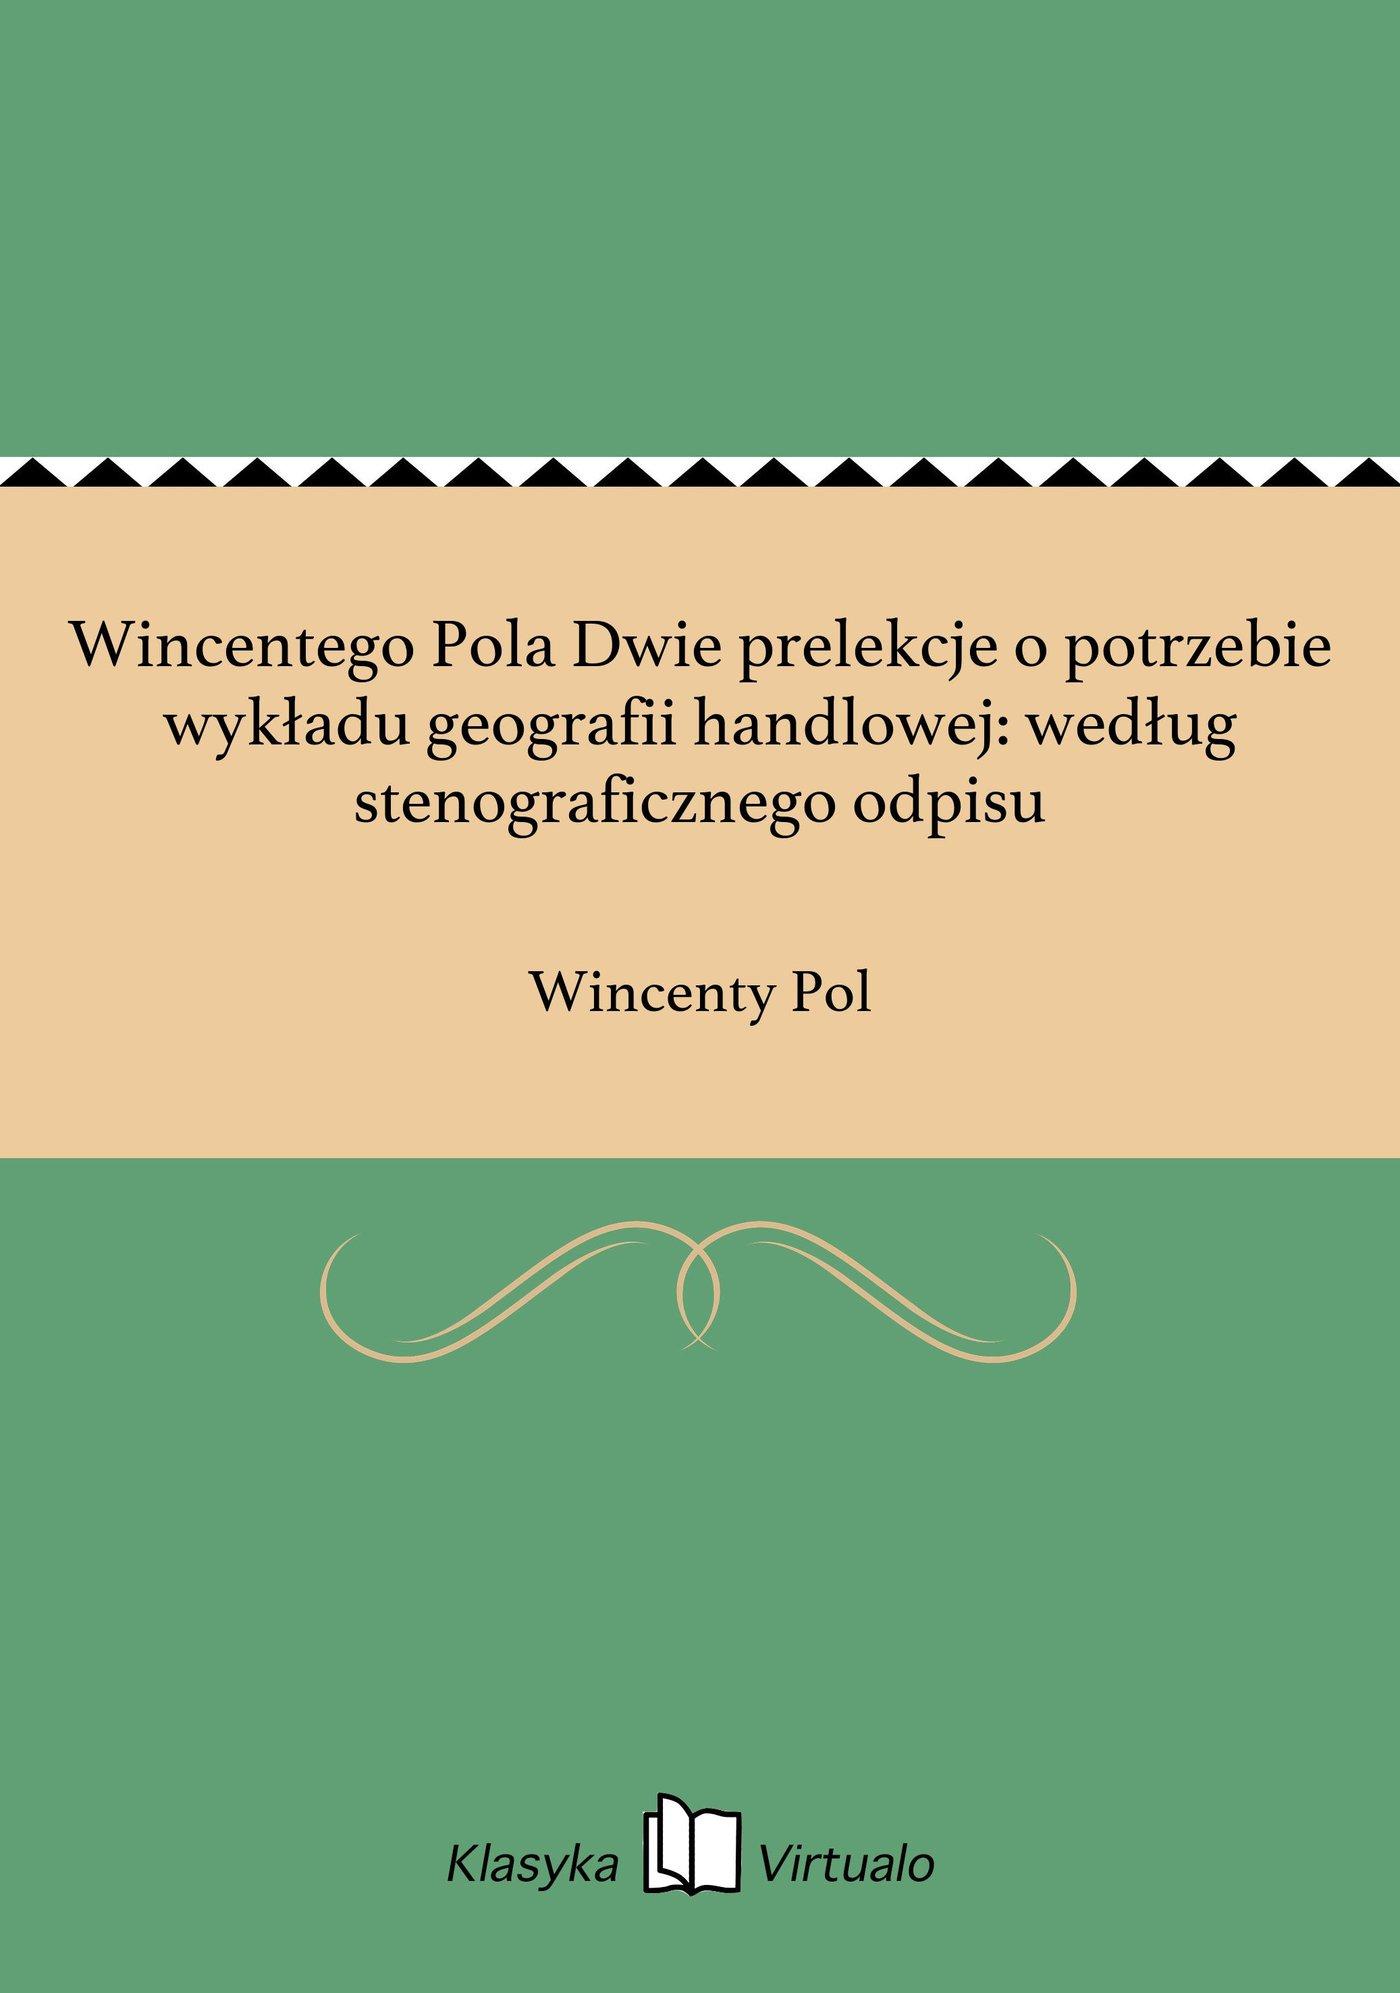 Wincentego Pola Dwie prelekcje o potrzebie wykładu geografii handlowej: według stenograficznego odpisu - Ebook (Książka EPUB) do pobrania w formacie EPUB